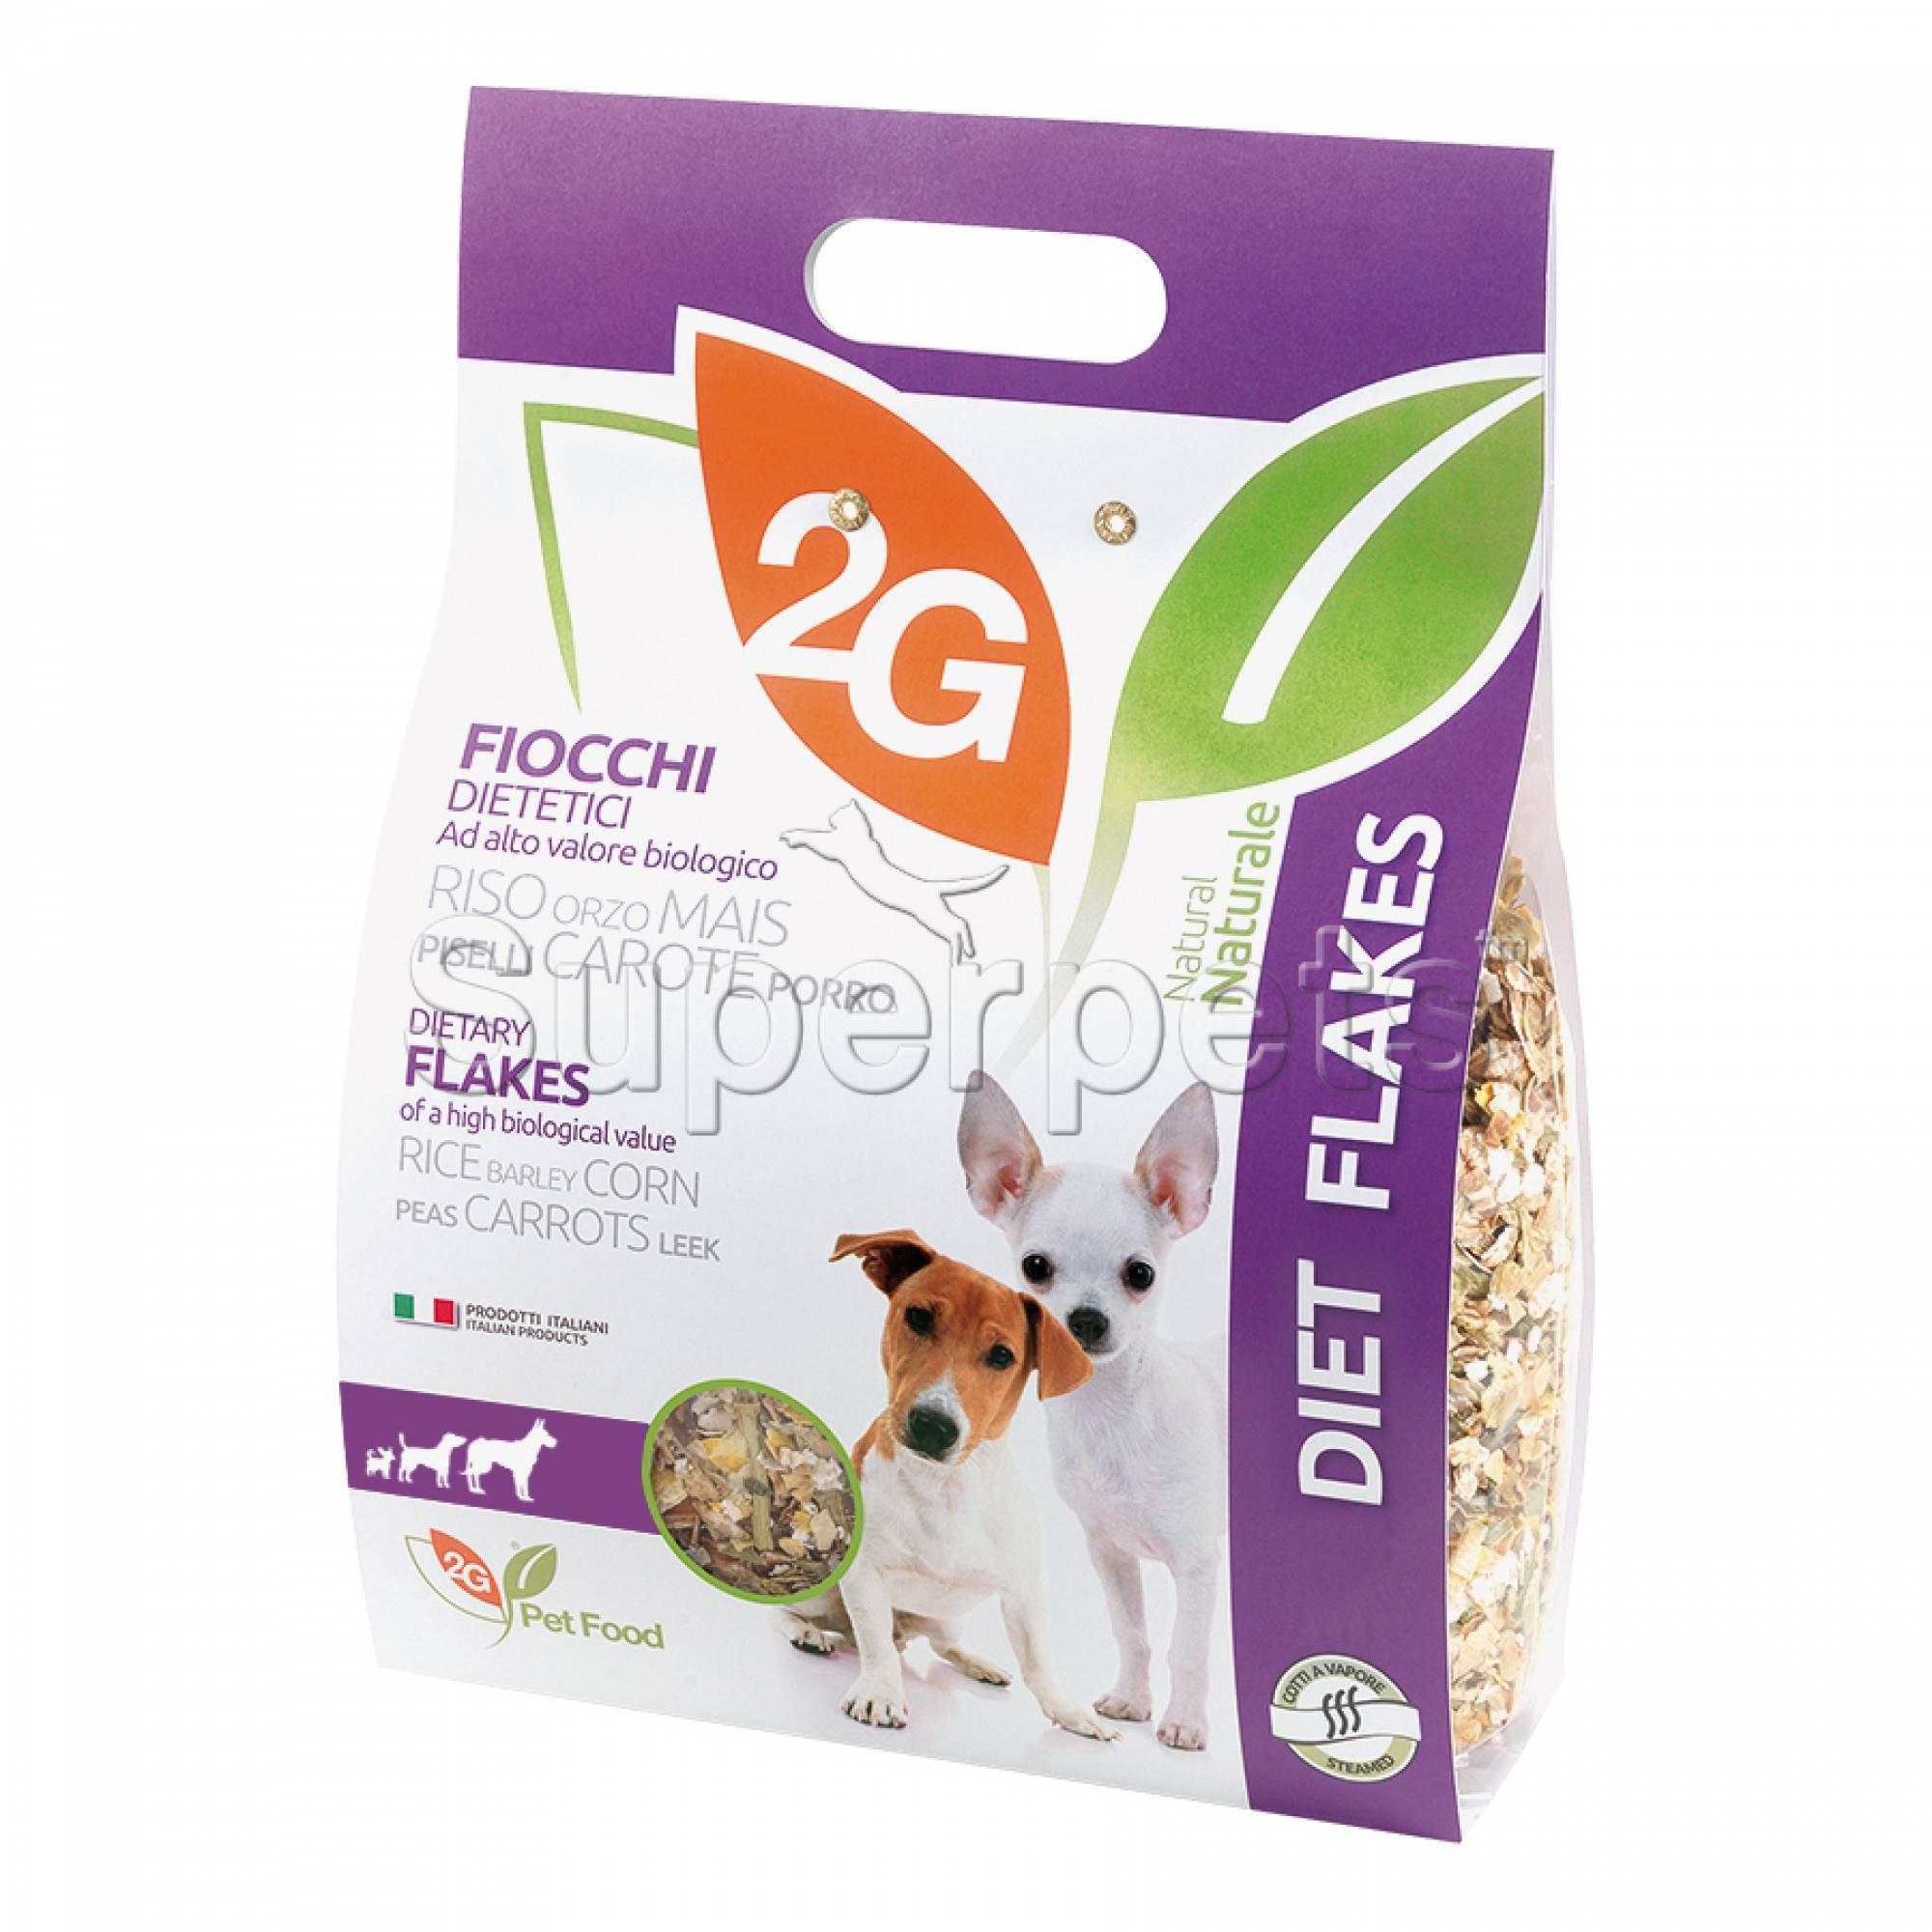 2G Pet Food - Diet Flakes 2kg